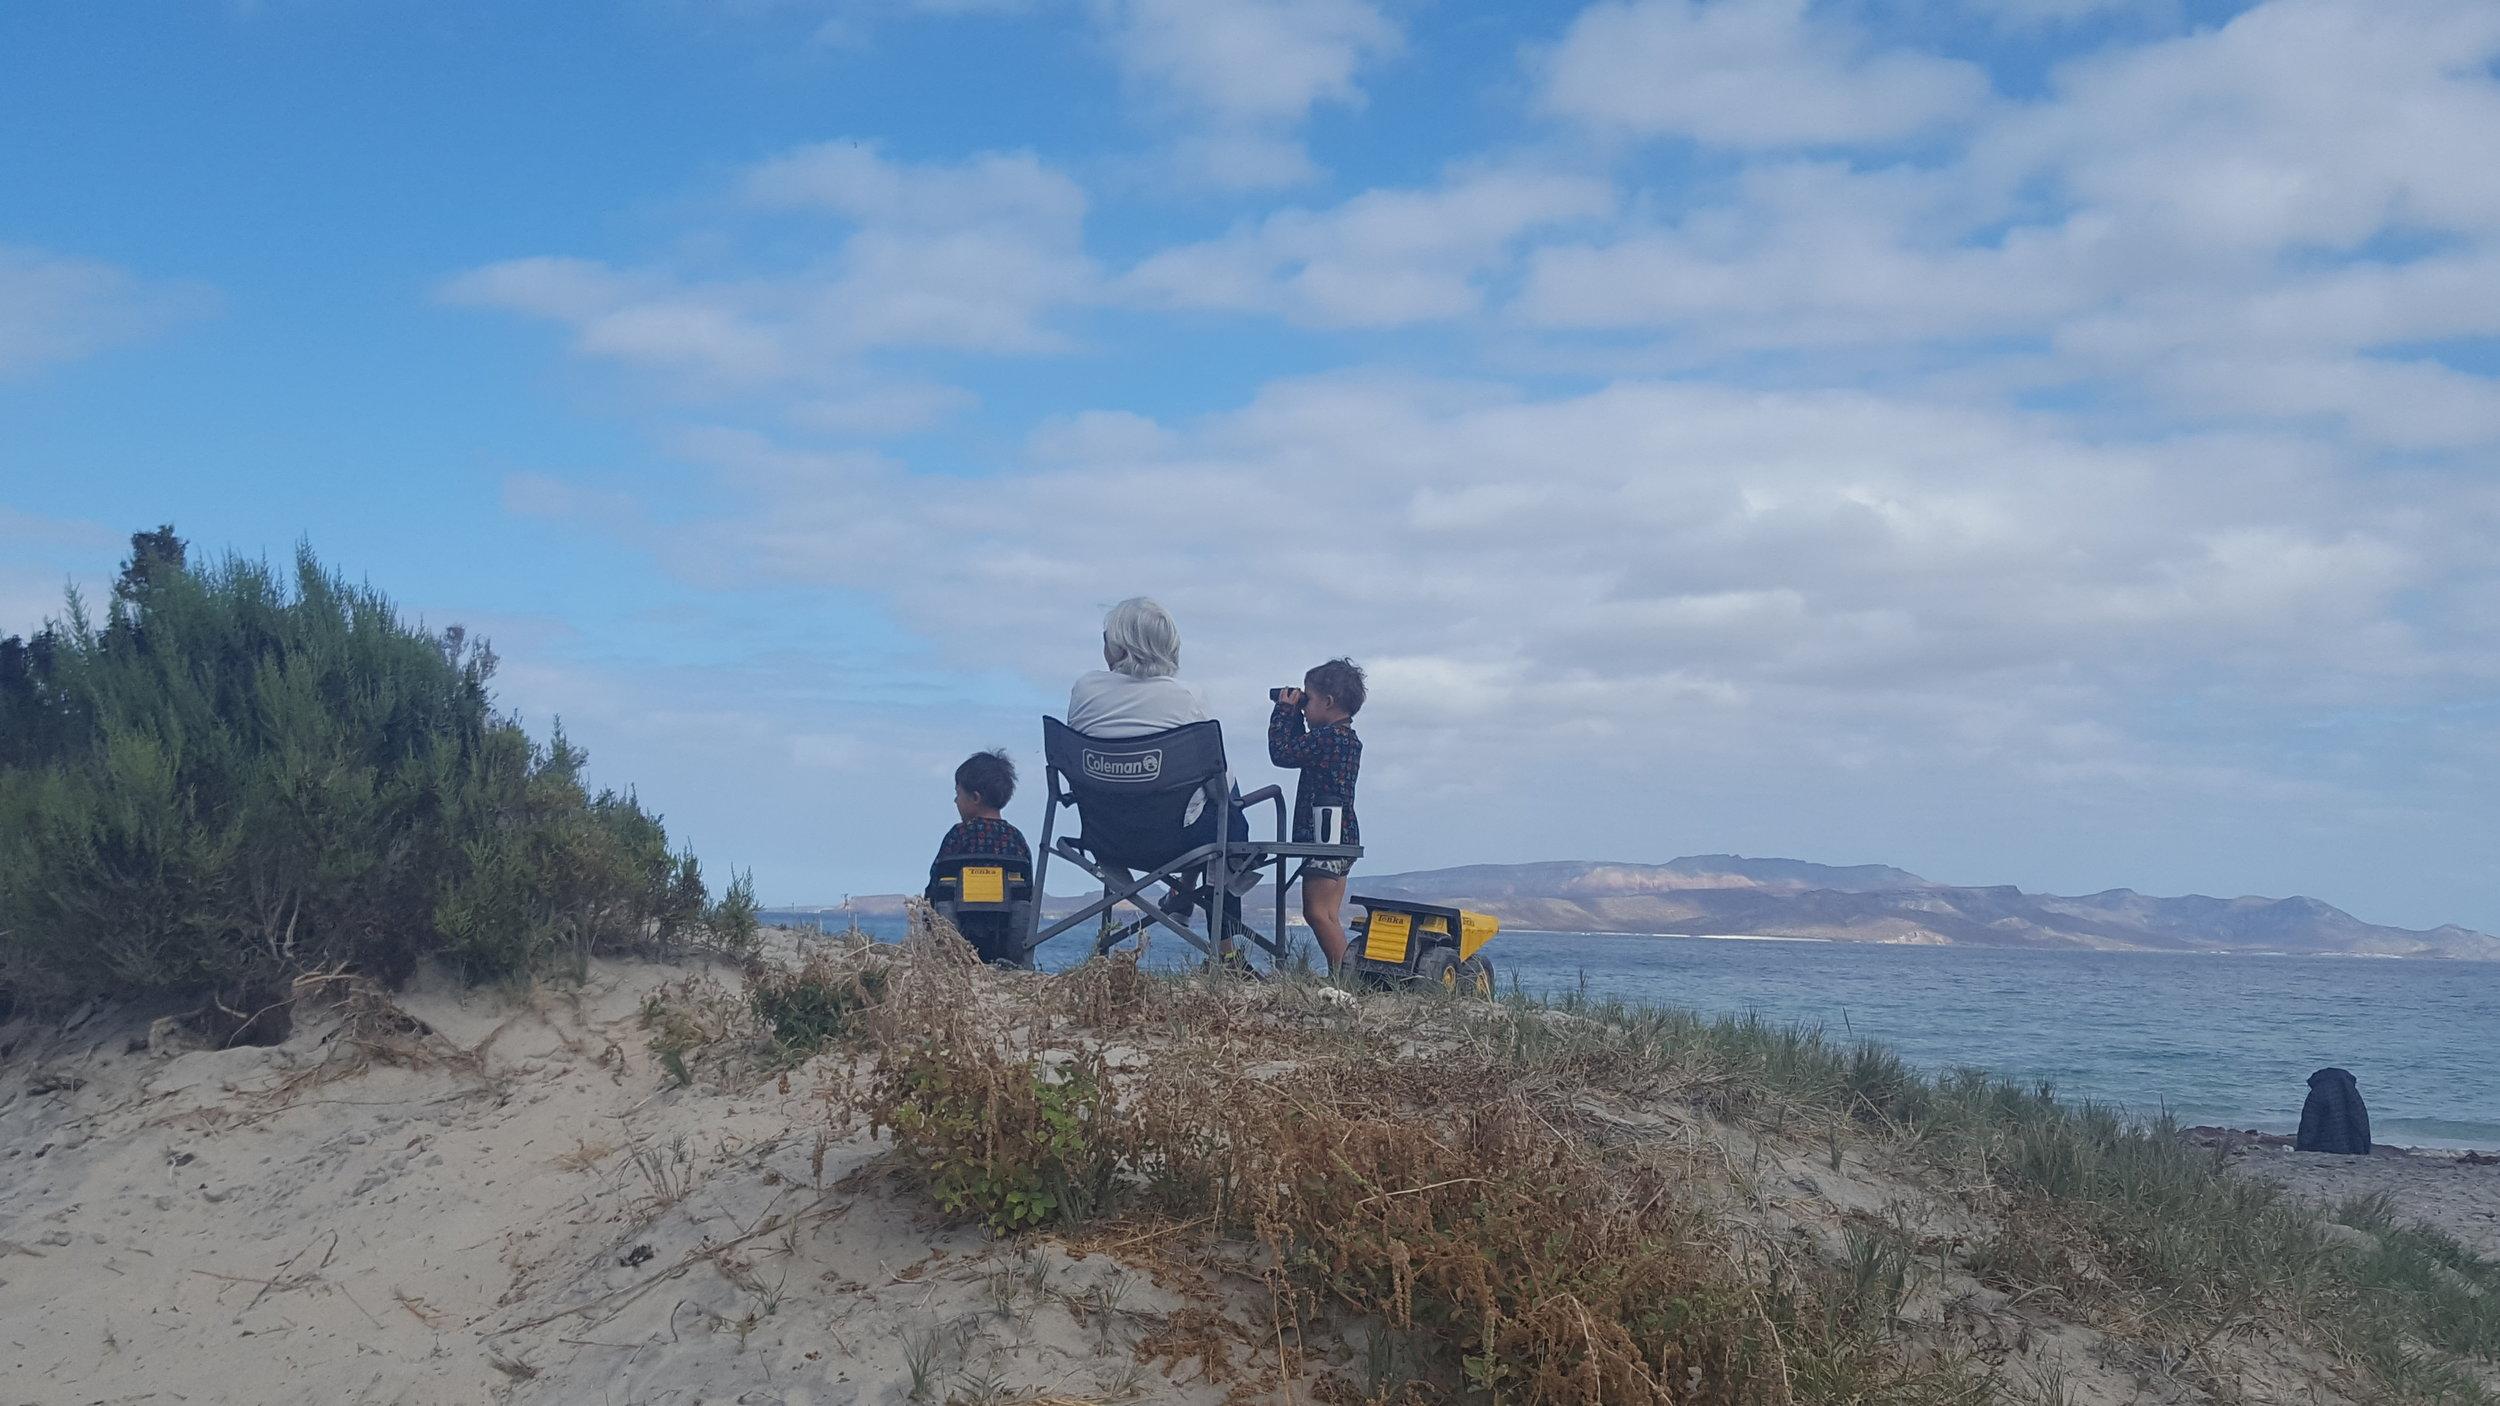 Bennett using his truck as a chair, while Reid borrows Fern's binoculars